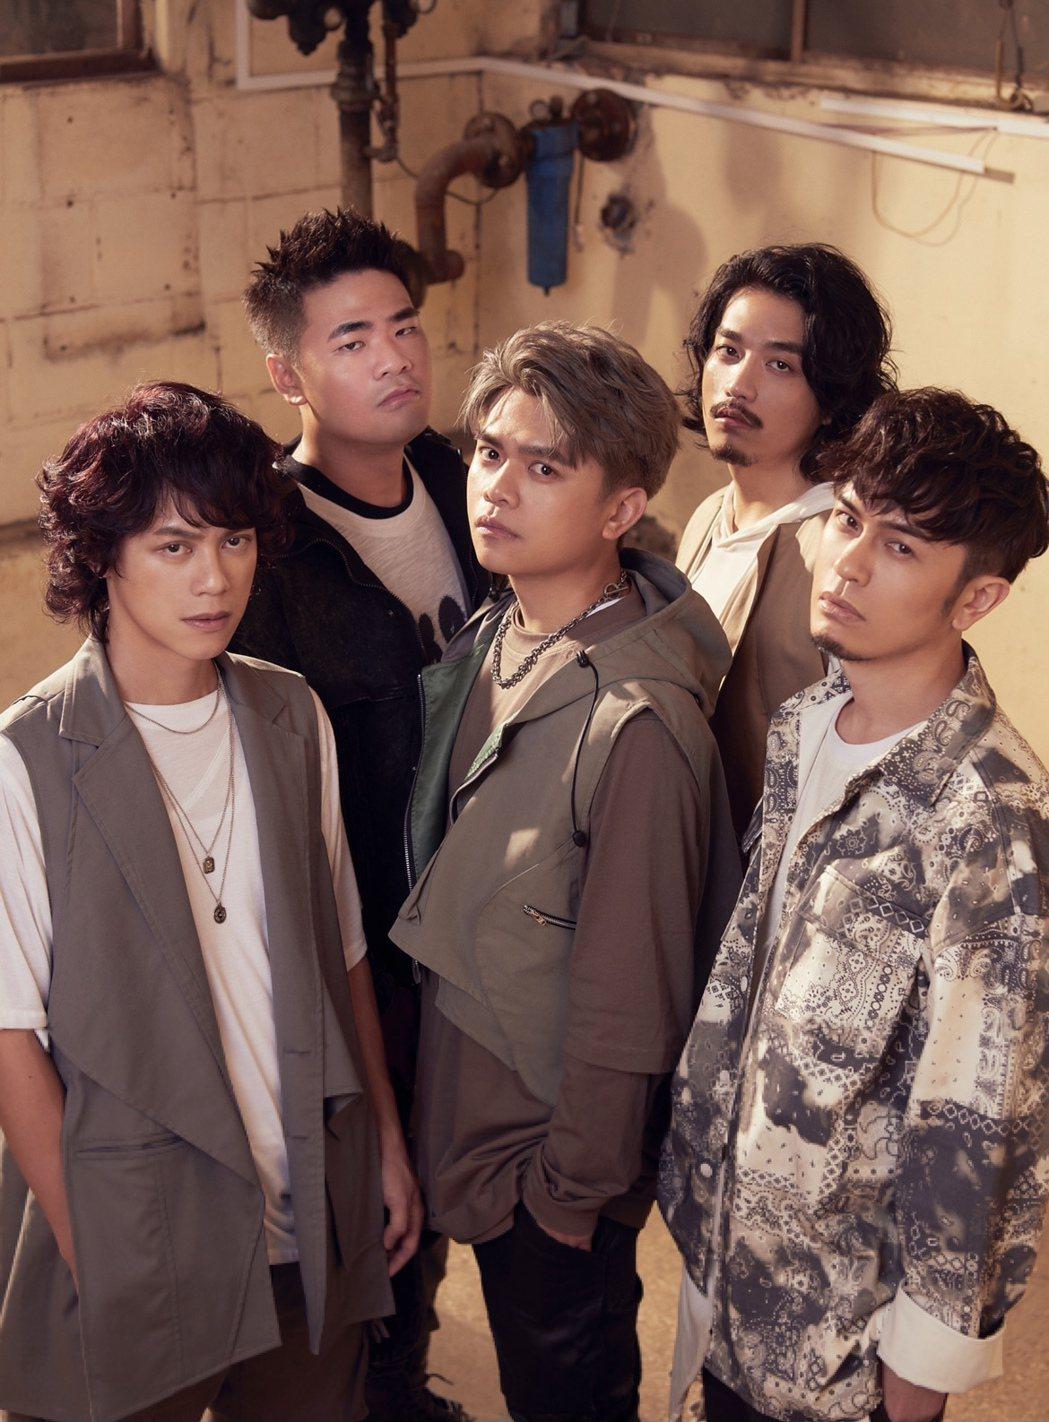 七月半推出首張專輯「夜露思苦」,本周六將舉辦同名演唱會。圖/七胖娛樂有限公司提供